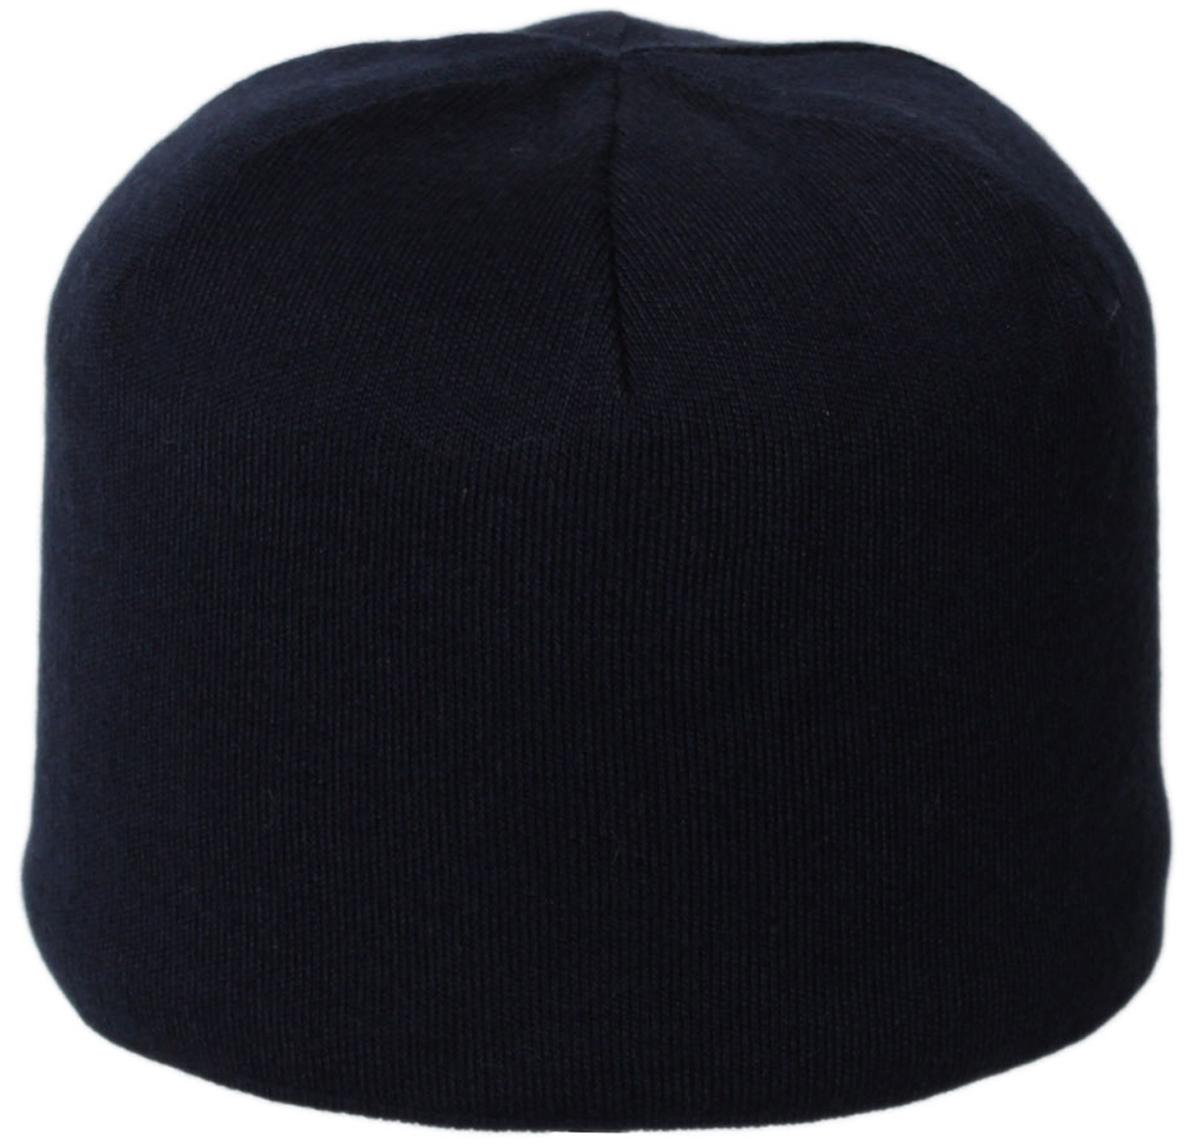 Шапка мужская. 5-0385-038Вязаная мужская шапка отлично подойдет для повседневной носки и активного отдыха в зимнее время года. Быстро выводит влагу от тела, оставляя изделие сухим. Шапка подарит ощущение тепла и комфорта в прохладный день.